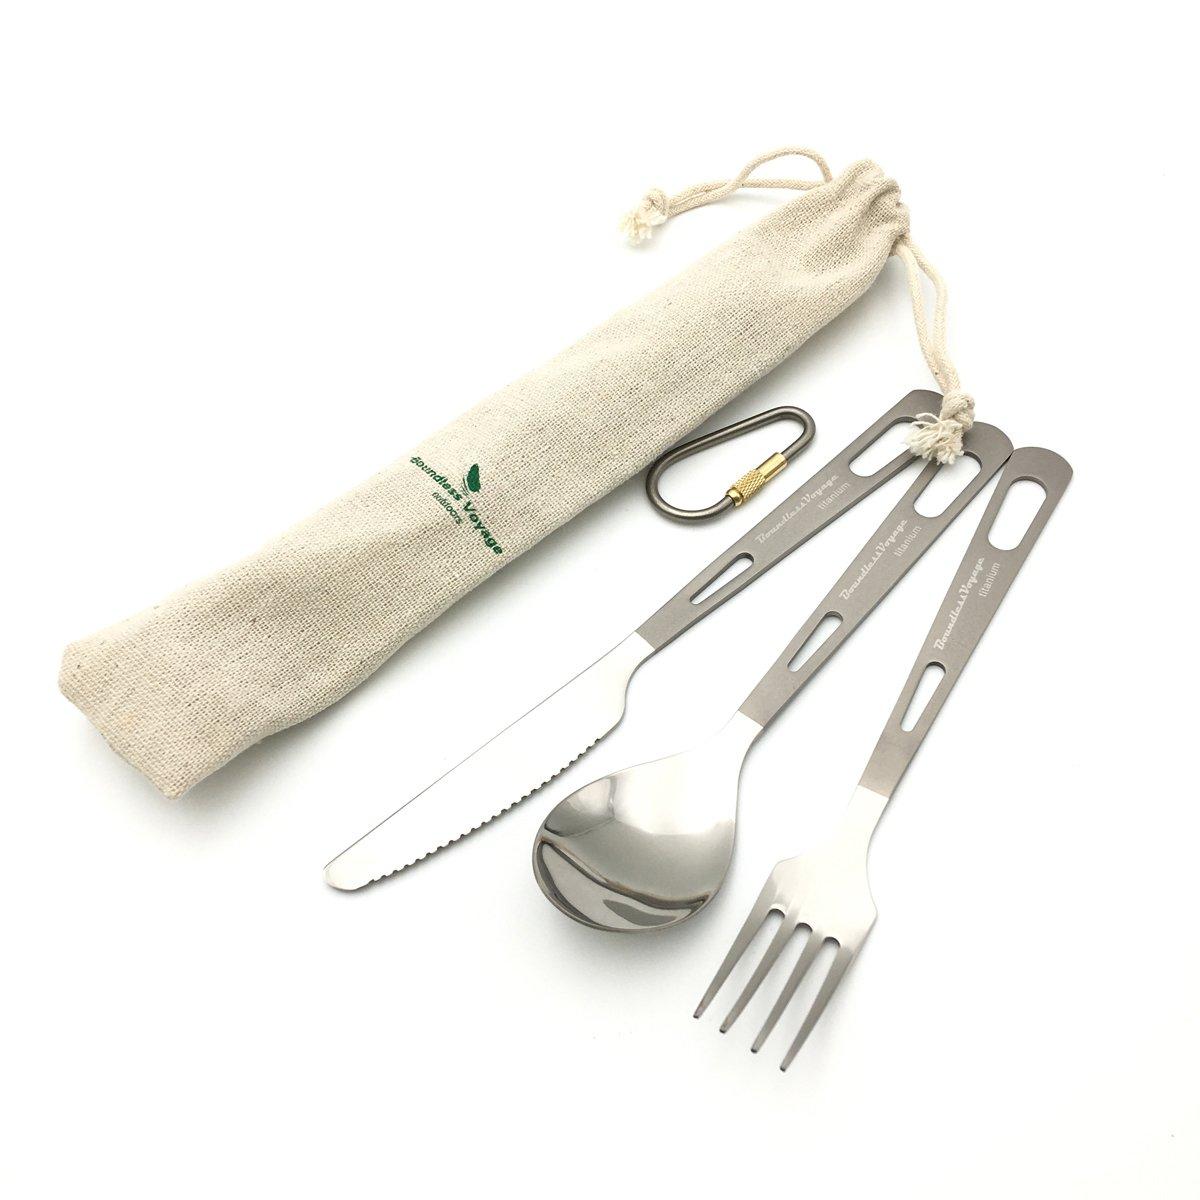 ibasingo Set de 3Piece/de titanio Vajilla Tenedor, Cuchara, camping Outdoor Cubiertos Vajilla para picnic, Viajes, mochila viaje ultraligera 46.2g